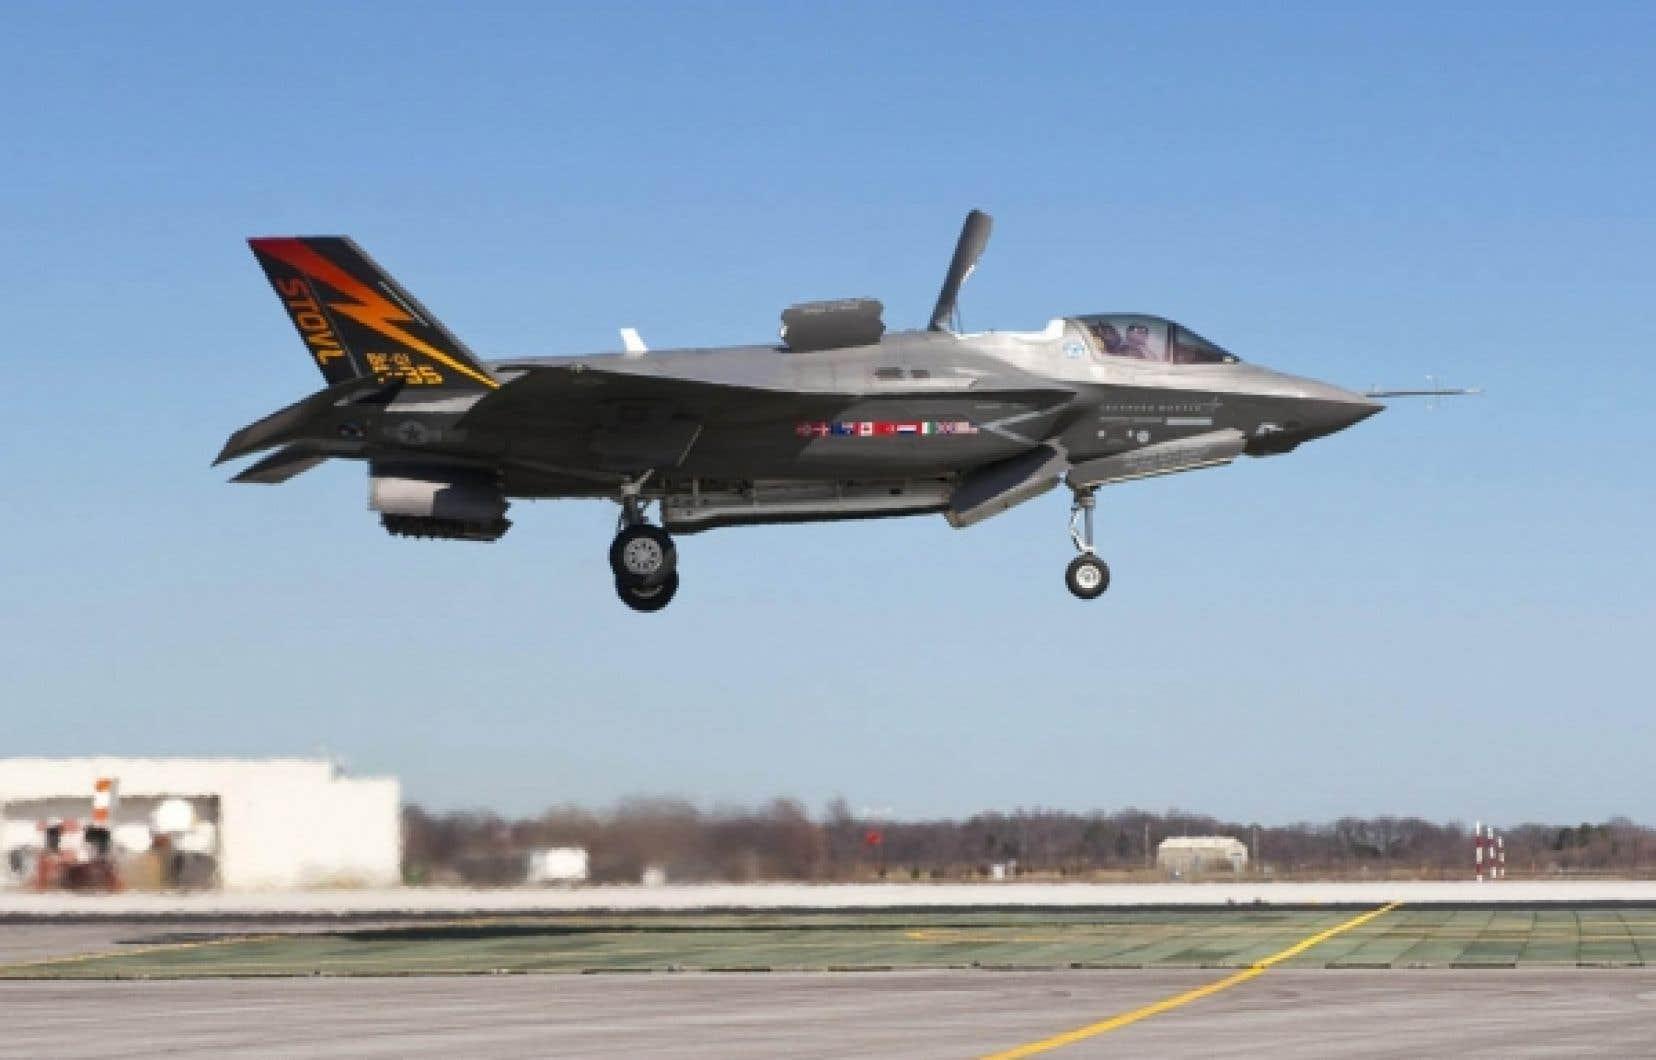 Alan Williams estime, contrairement au gouvernement Harper, que le F-35 n&rsquo;est pas &laquo;le meilleur avion au meilleur prix&raquo;.<br />